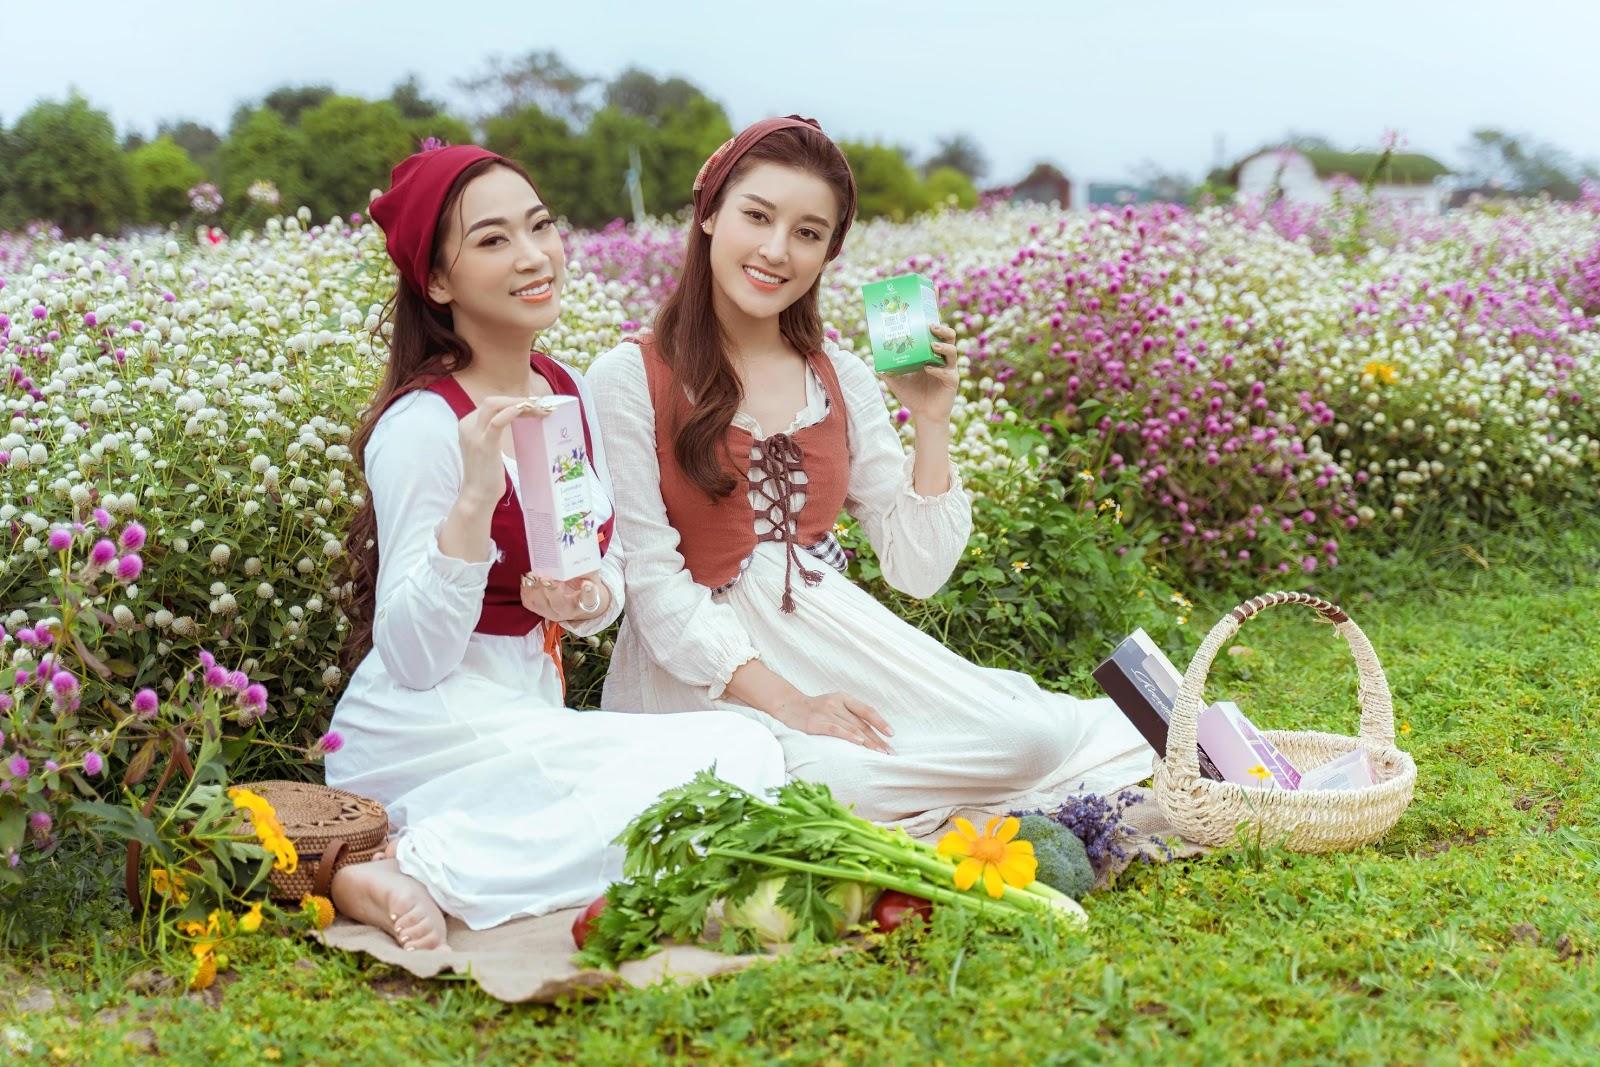 Linh Nham Group – Nhà tài trợ Kim cương tại Hội nghị sức khỏe sắc đẹp toàn diện và xu hướng ngành làm đẹp 2021 - Ảnh 4